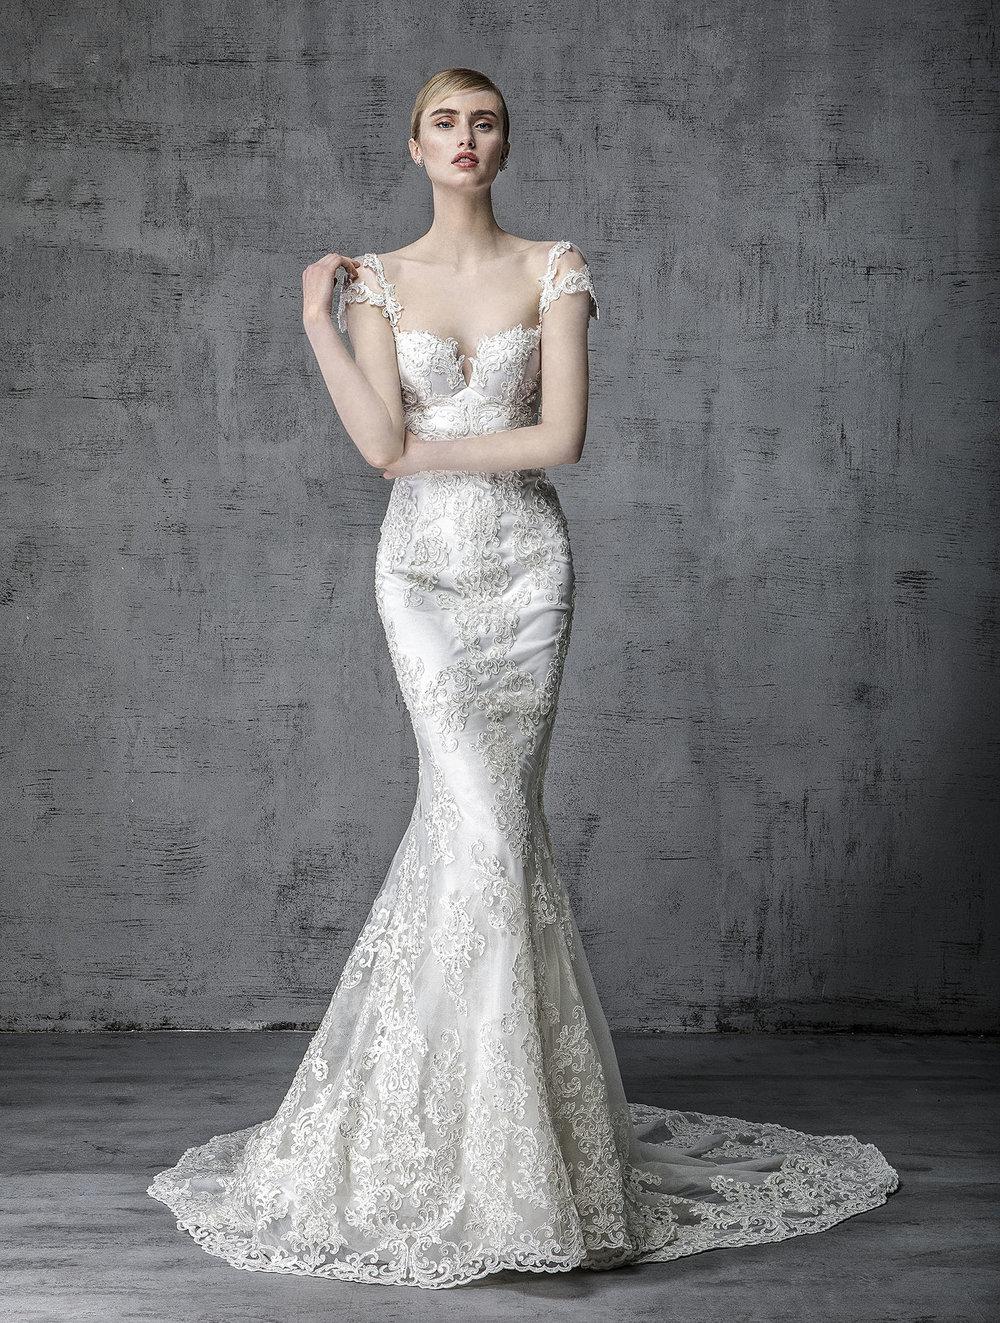 Jessica 19504 - VKK - Victoria Kyriakides SS 2019-.jpg